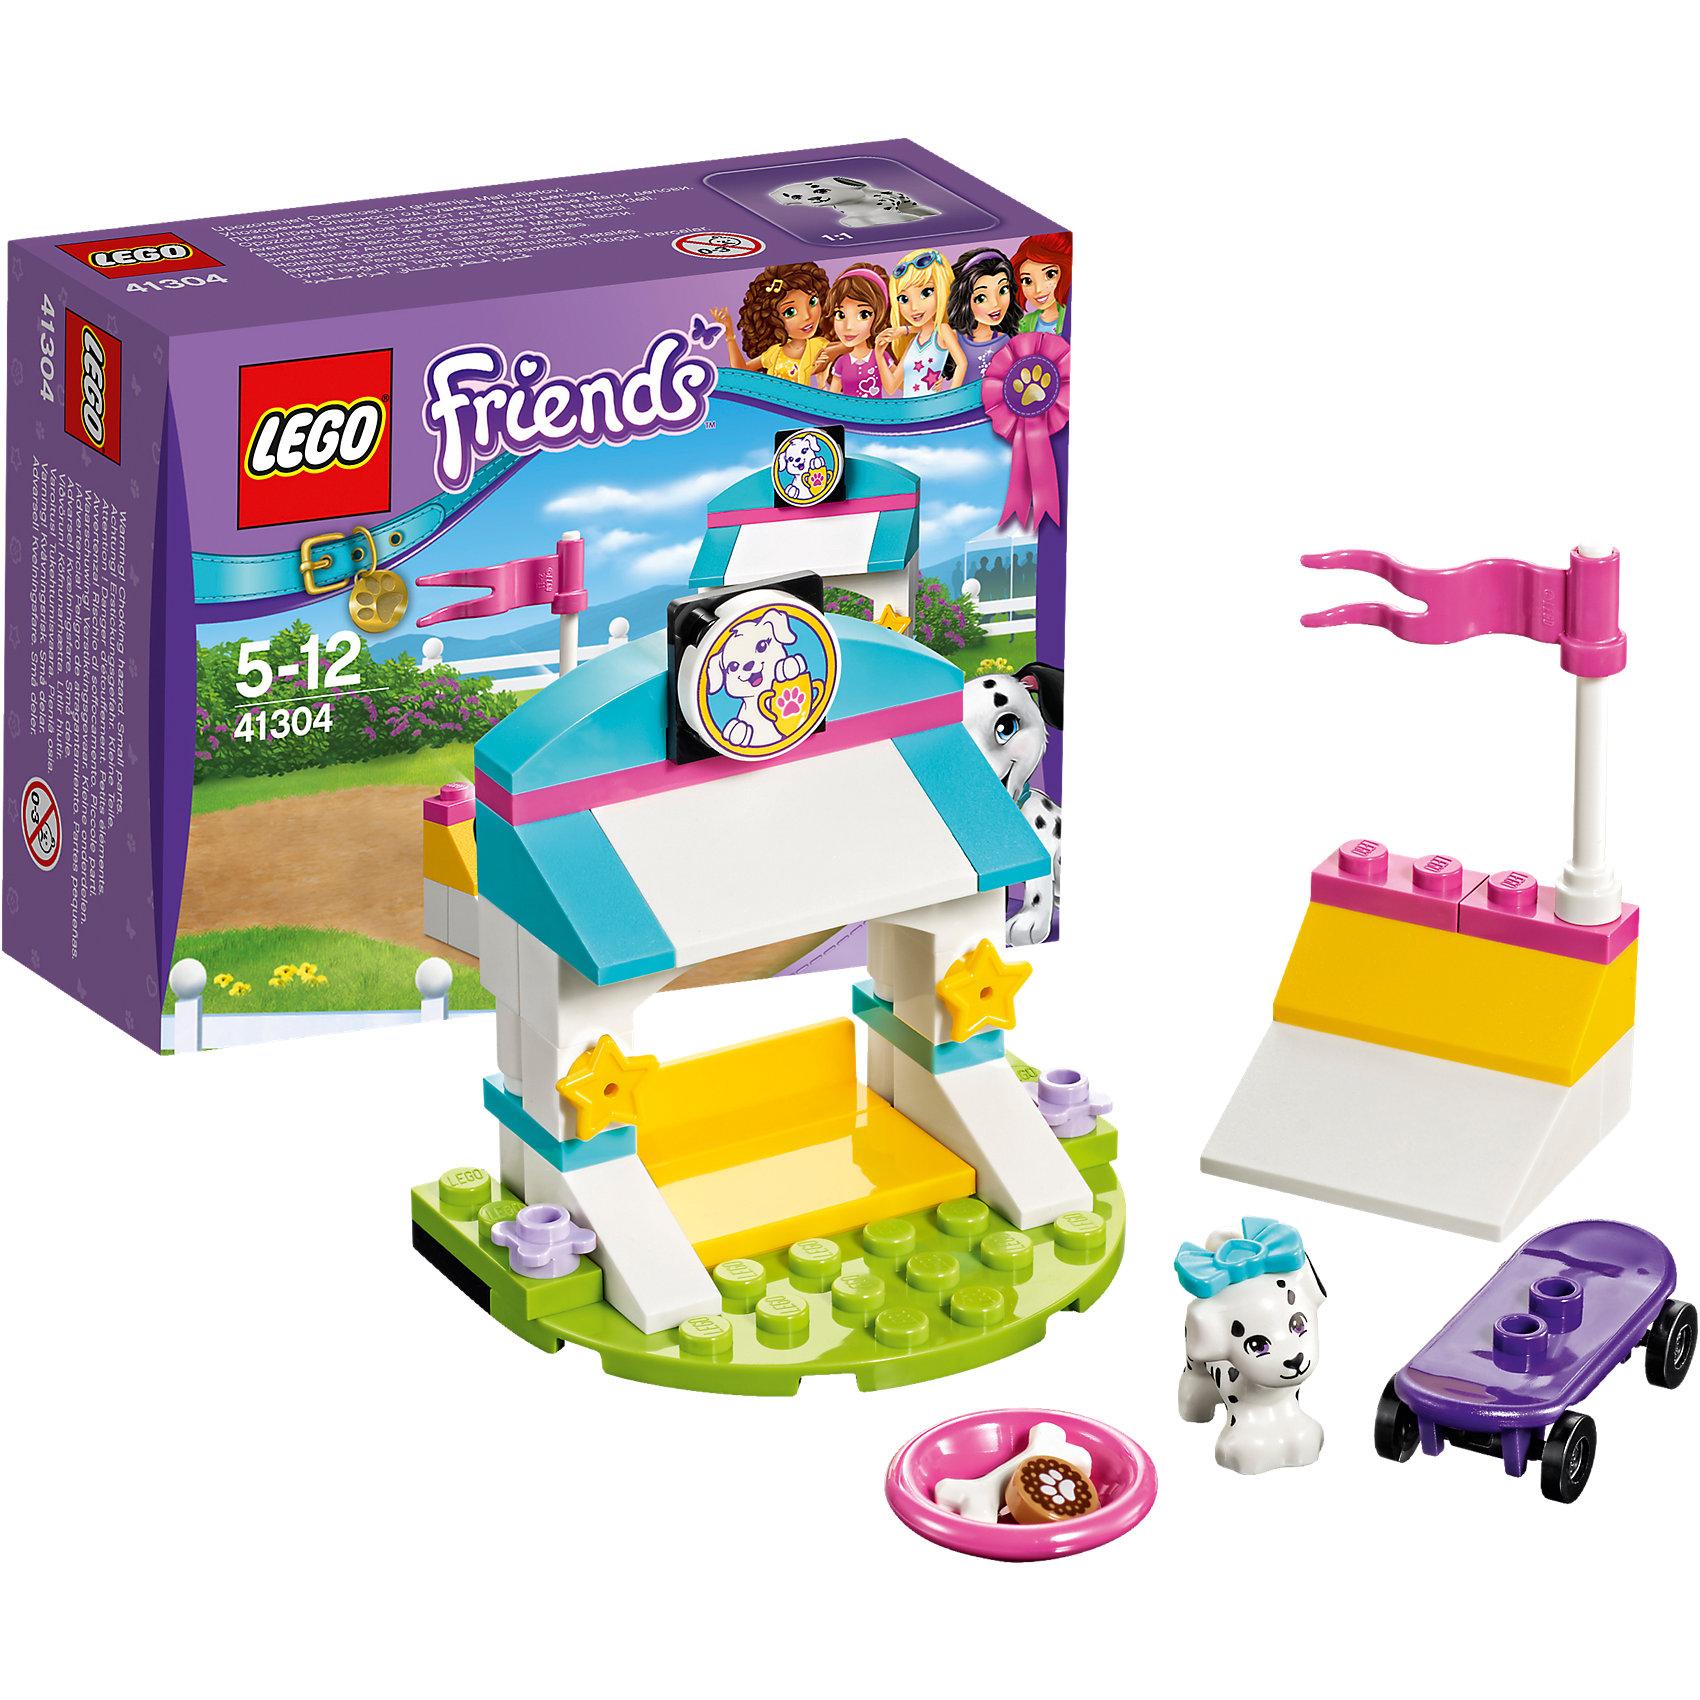 LEGO Friends 41304: Выставка щенков: Скейт-паркLEGO Friends 41304: Выставка щенков: Скейт-парк<br><br>Характеристики:<br><br>- в набор входит: детали парка, щенок Куки, аксессуары, красочная инструкция<br>- состав: пластик<br>- количество деталей: 45<br>- размер главной постройки: 6 * 4 * 5 см.<br>- для детей в возрасте: от 5 до 12 лет<br>- Страна производитель: Дания/Китай/Чехия<br><br>Легендарный конструктор LEGO (ЛЕГО) представляет серию «Friends» (Друзья) в которую входят наборы конструкторов интересных не только в строительстве, но и в игре. <br><br>Серия разработана с учетом различных повседневных ситуаций и мест. Готовь чемпионов в скейт-парке, тренируя их особые таланты к выставке щенков. В набор включен щенок далматинца Куки и его фиолетовый скейтборд. На двухуровневой рампе молодой скейтер уже умеет делать сложные трюки, ведь он тренируется в своем парке каждый день. Его красивый домик украшен звездами, ведь он хочет стать звездой и настоящим чемпионом. На верху домика расположен его портрет с призом прошлого года. Куки любит кушать печенье для собак, поэтому в его миске всегда лежит одно лакомство и косточка. Фигурка щенка надежно вставляется в детали лего, чтобы она не упала, а благодаря специальному отверстию, красивый бантик легко одевается и снимается. <br><br>Играя с конструктором ребенок развивает моторику рук, воображение и логическое мышление, научится собирать по инструкции и создавать свои модели. Придумывайте новые истории любимых героев с набором LEGO «Friends»!<br><br>Конструктор LEGO Friends 41304: Выставка щенков: Скейт-парк можно купить в нашем интернет-магазине.<br><br>Ширина мм: 124<br>Глубина мм: 93<br>Высота мм: 50<br>Вес г: 71<br>Возраст от месяцев: 60<br>Возраст до месяцев: 144<br>Пол: Женский<br>Возраст: Детский<br>SKU: 5002489